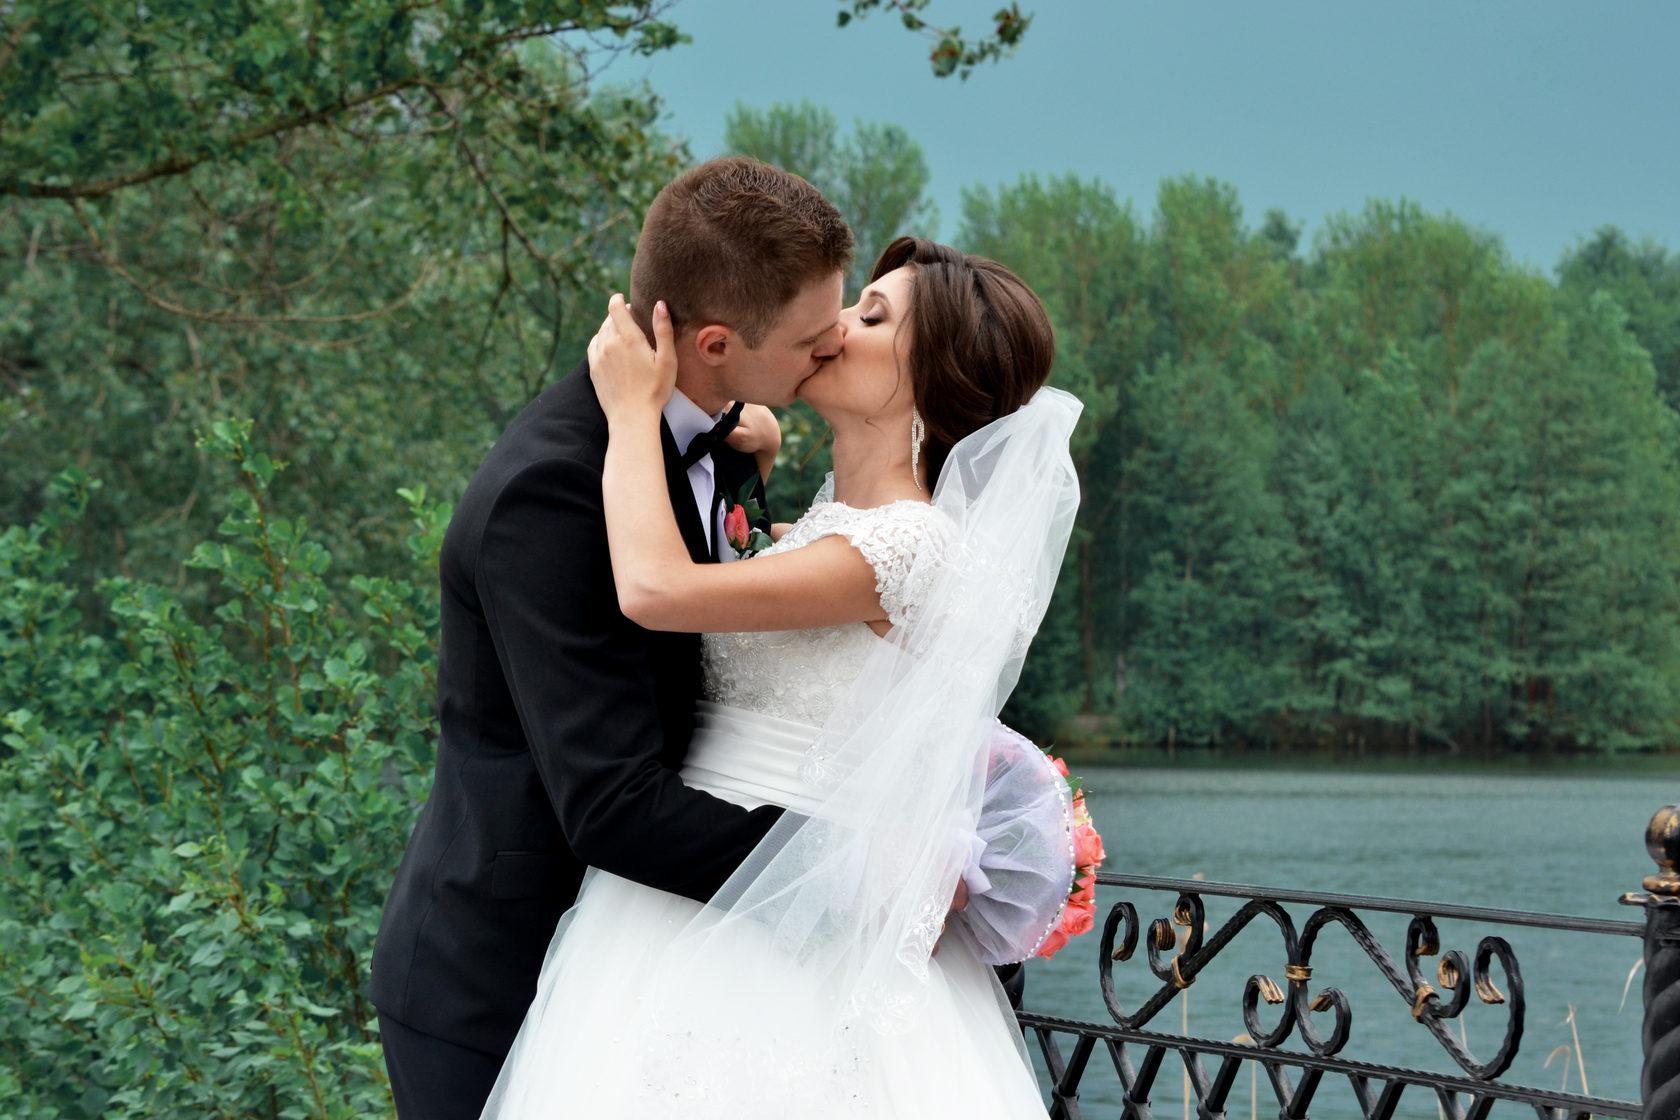 Фото и видеосъемка на свадьбу в калуге